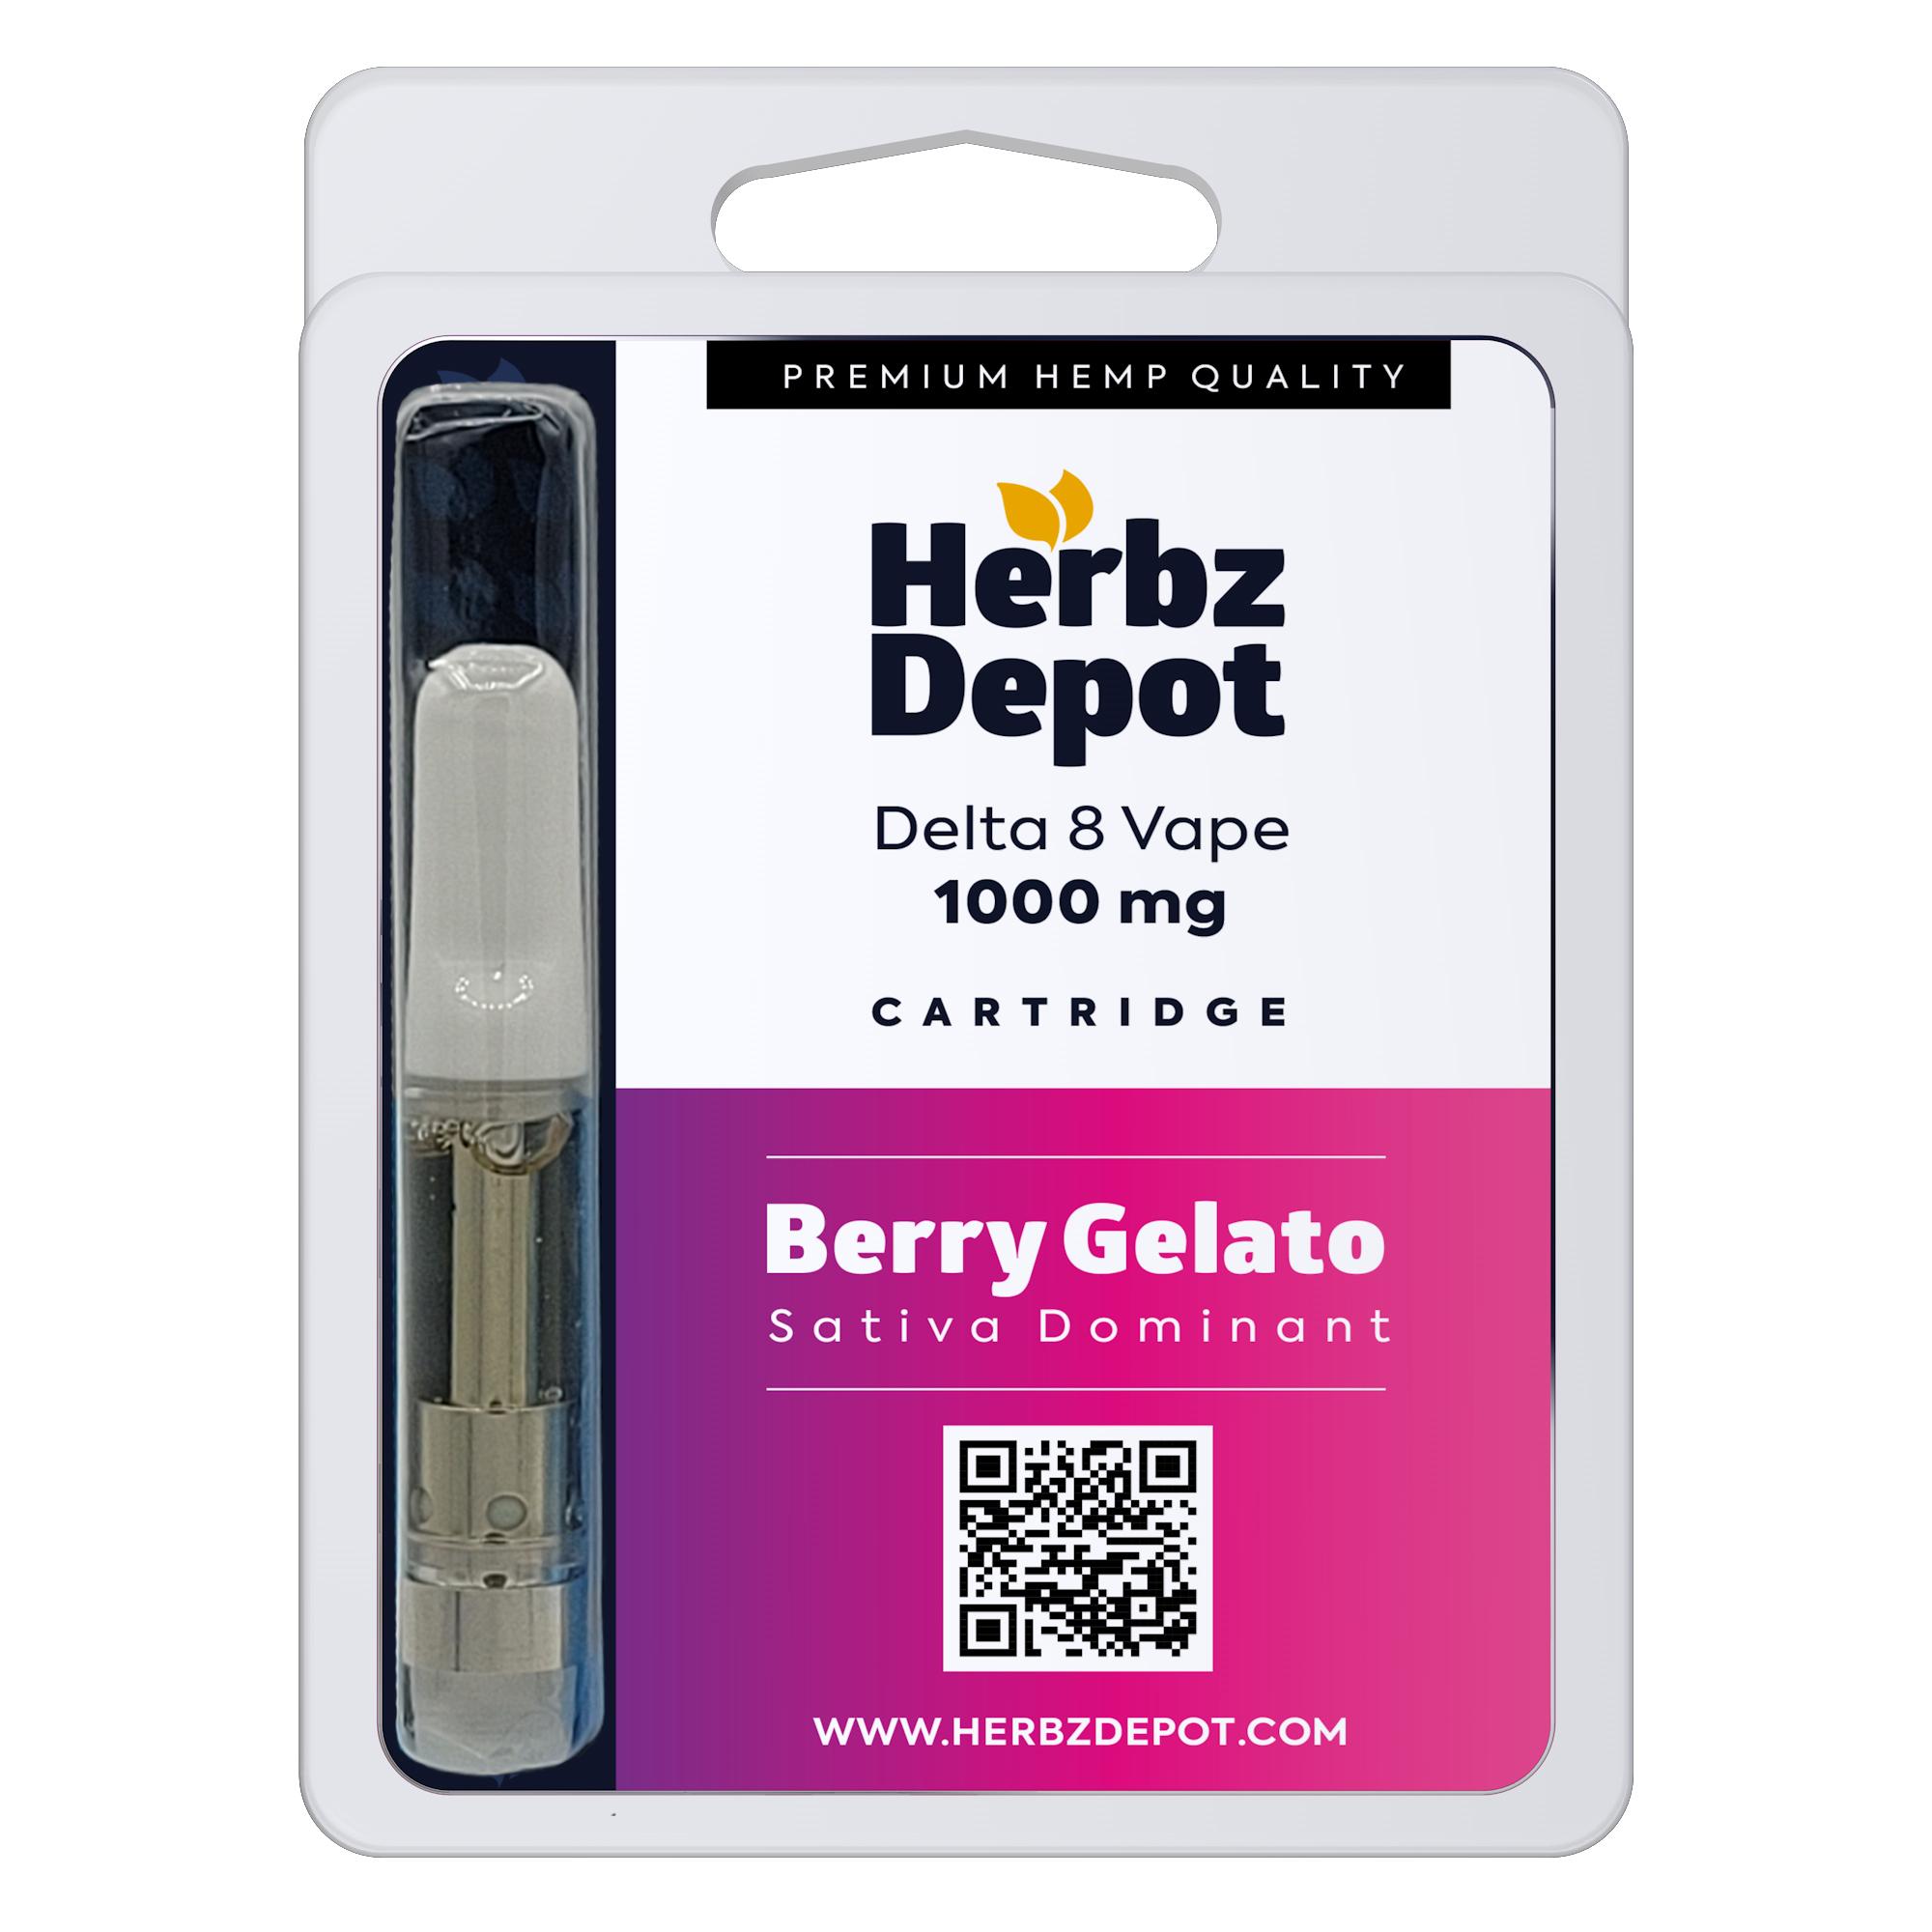 Berry Gelato